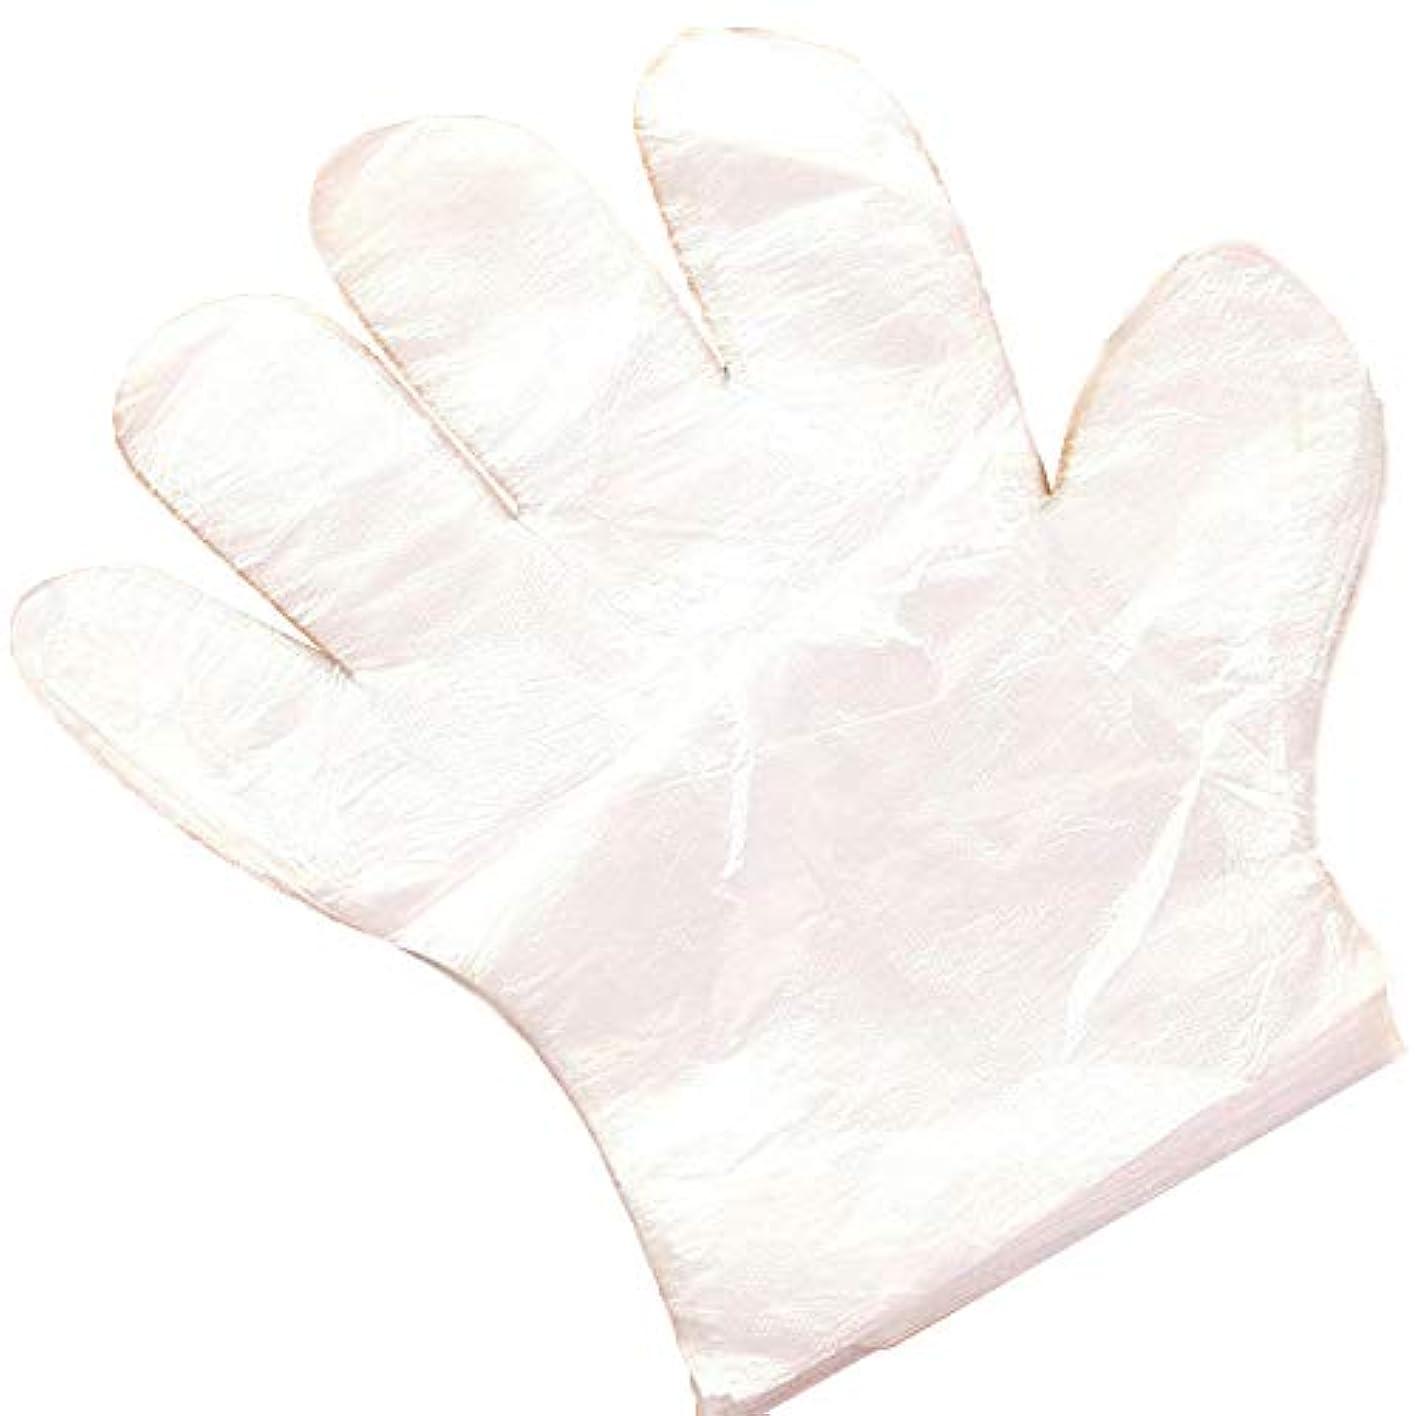 バルコニーあいにく巨人Men club 使い捨て手袋 ビニール手袋 極薄 衛生 安全